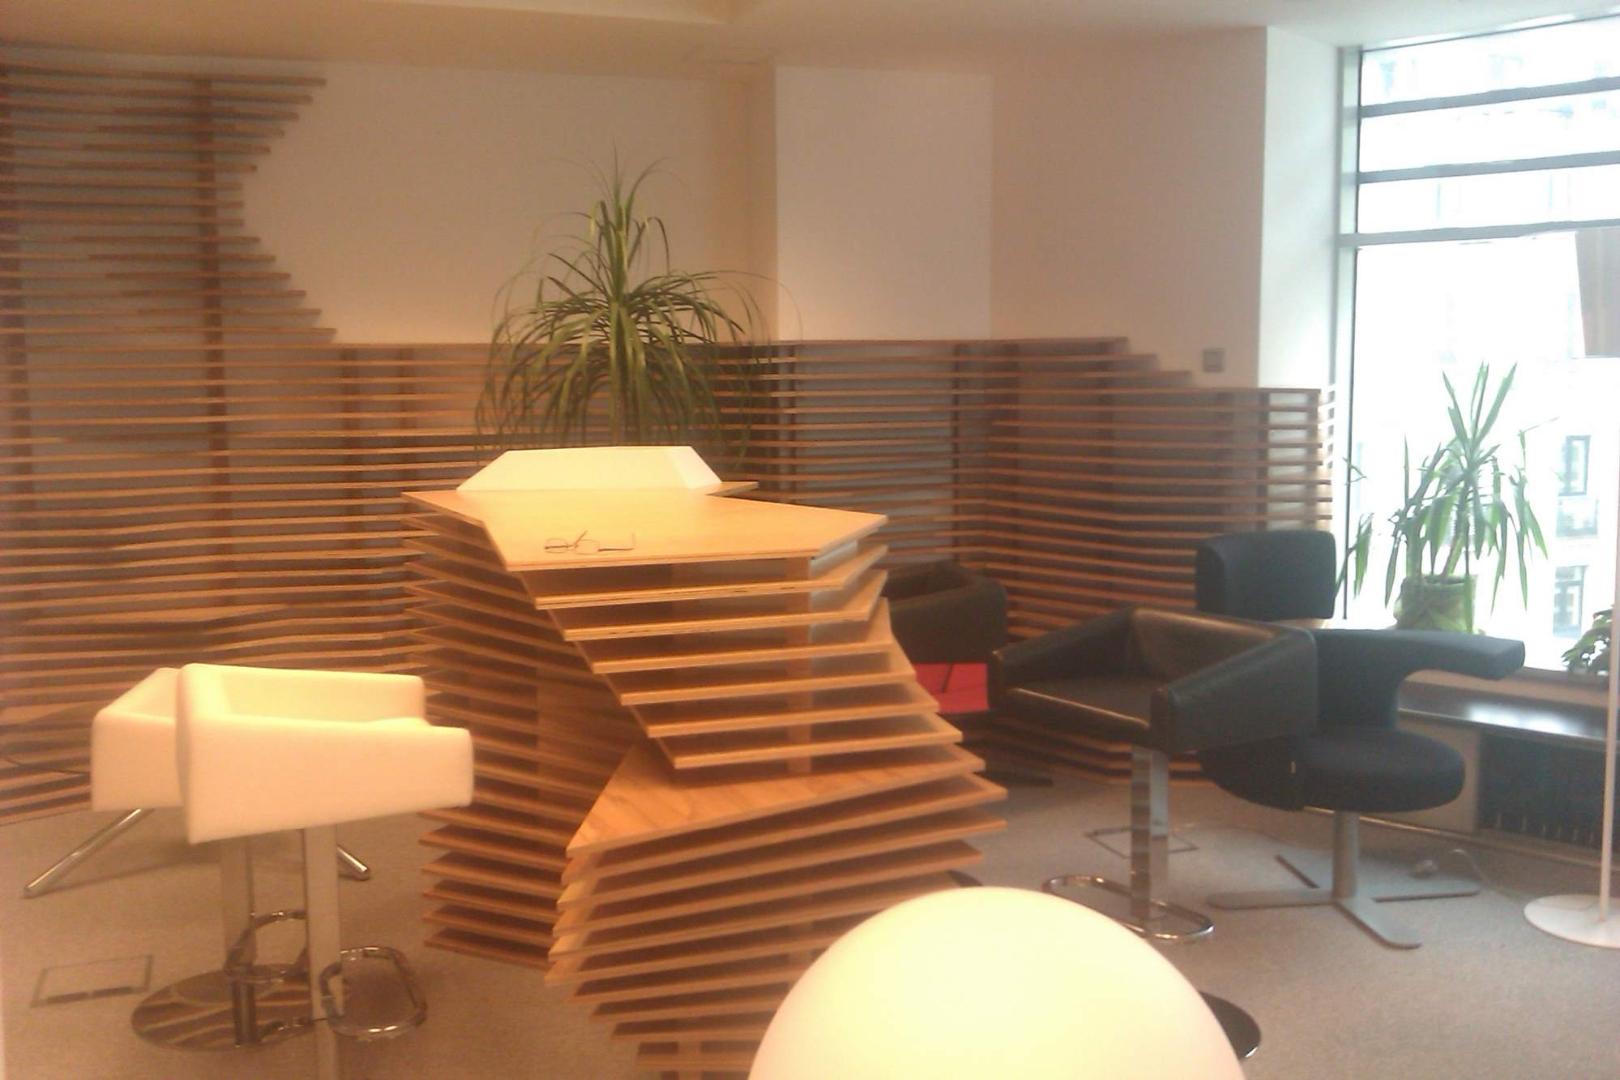 kinnarps receptie placari lemn corian  front desk002